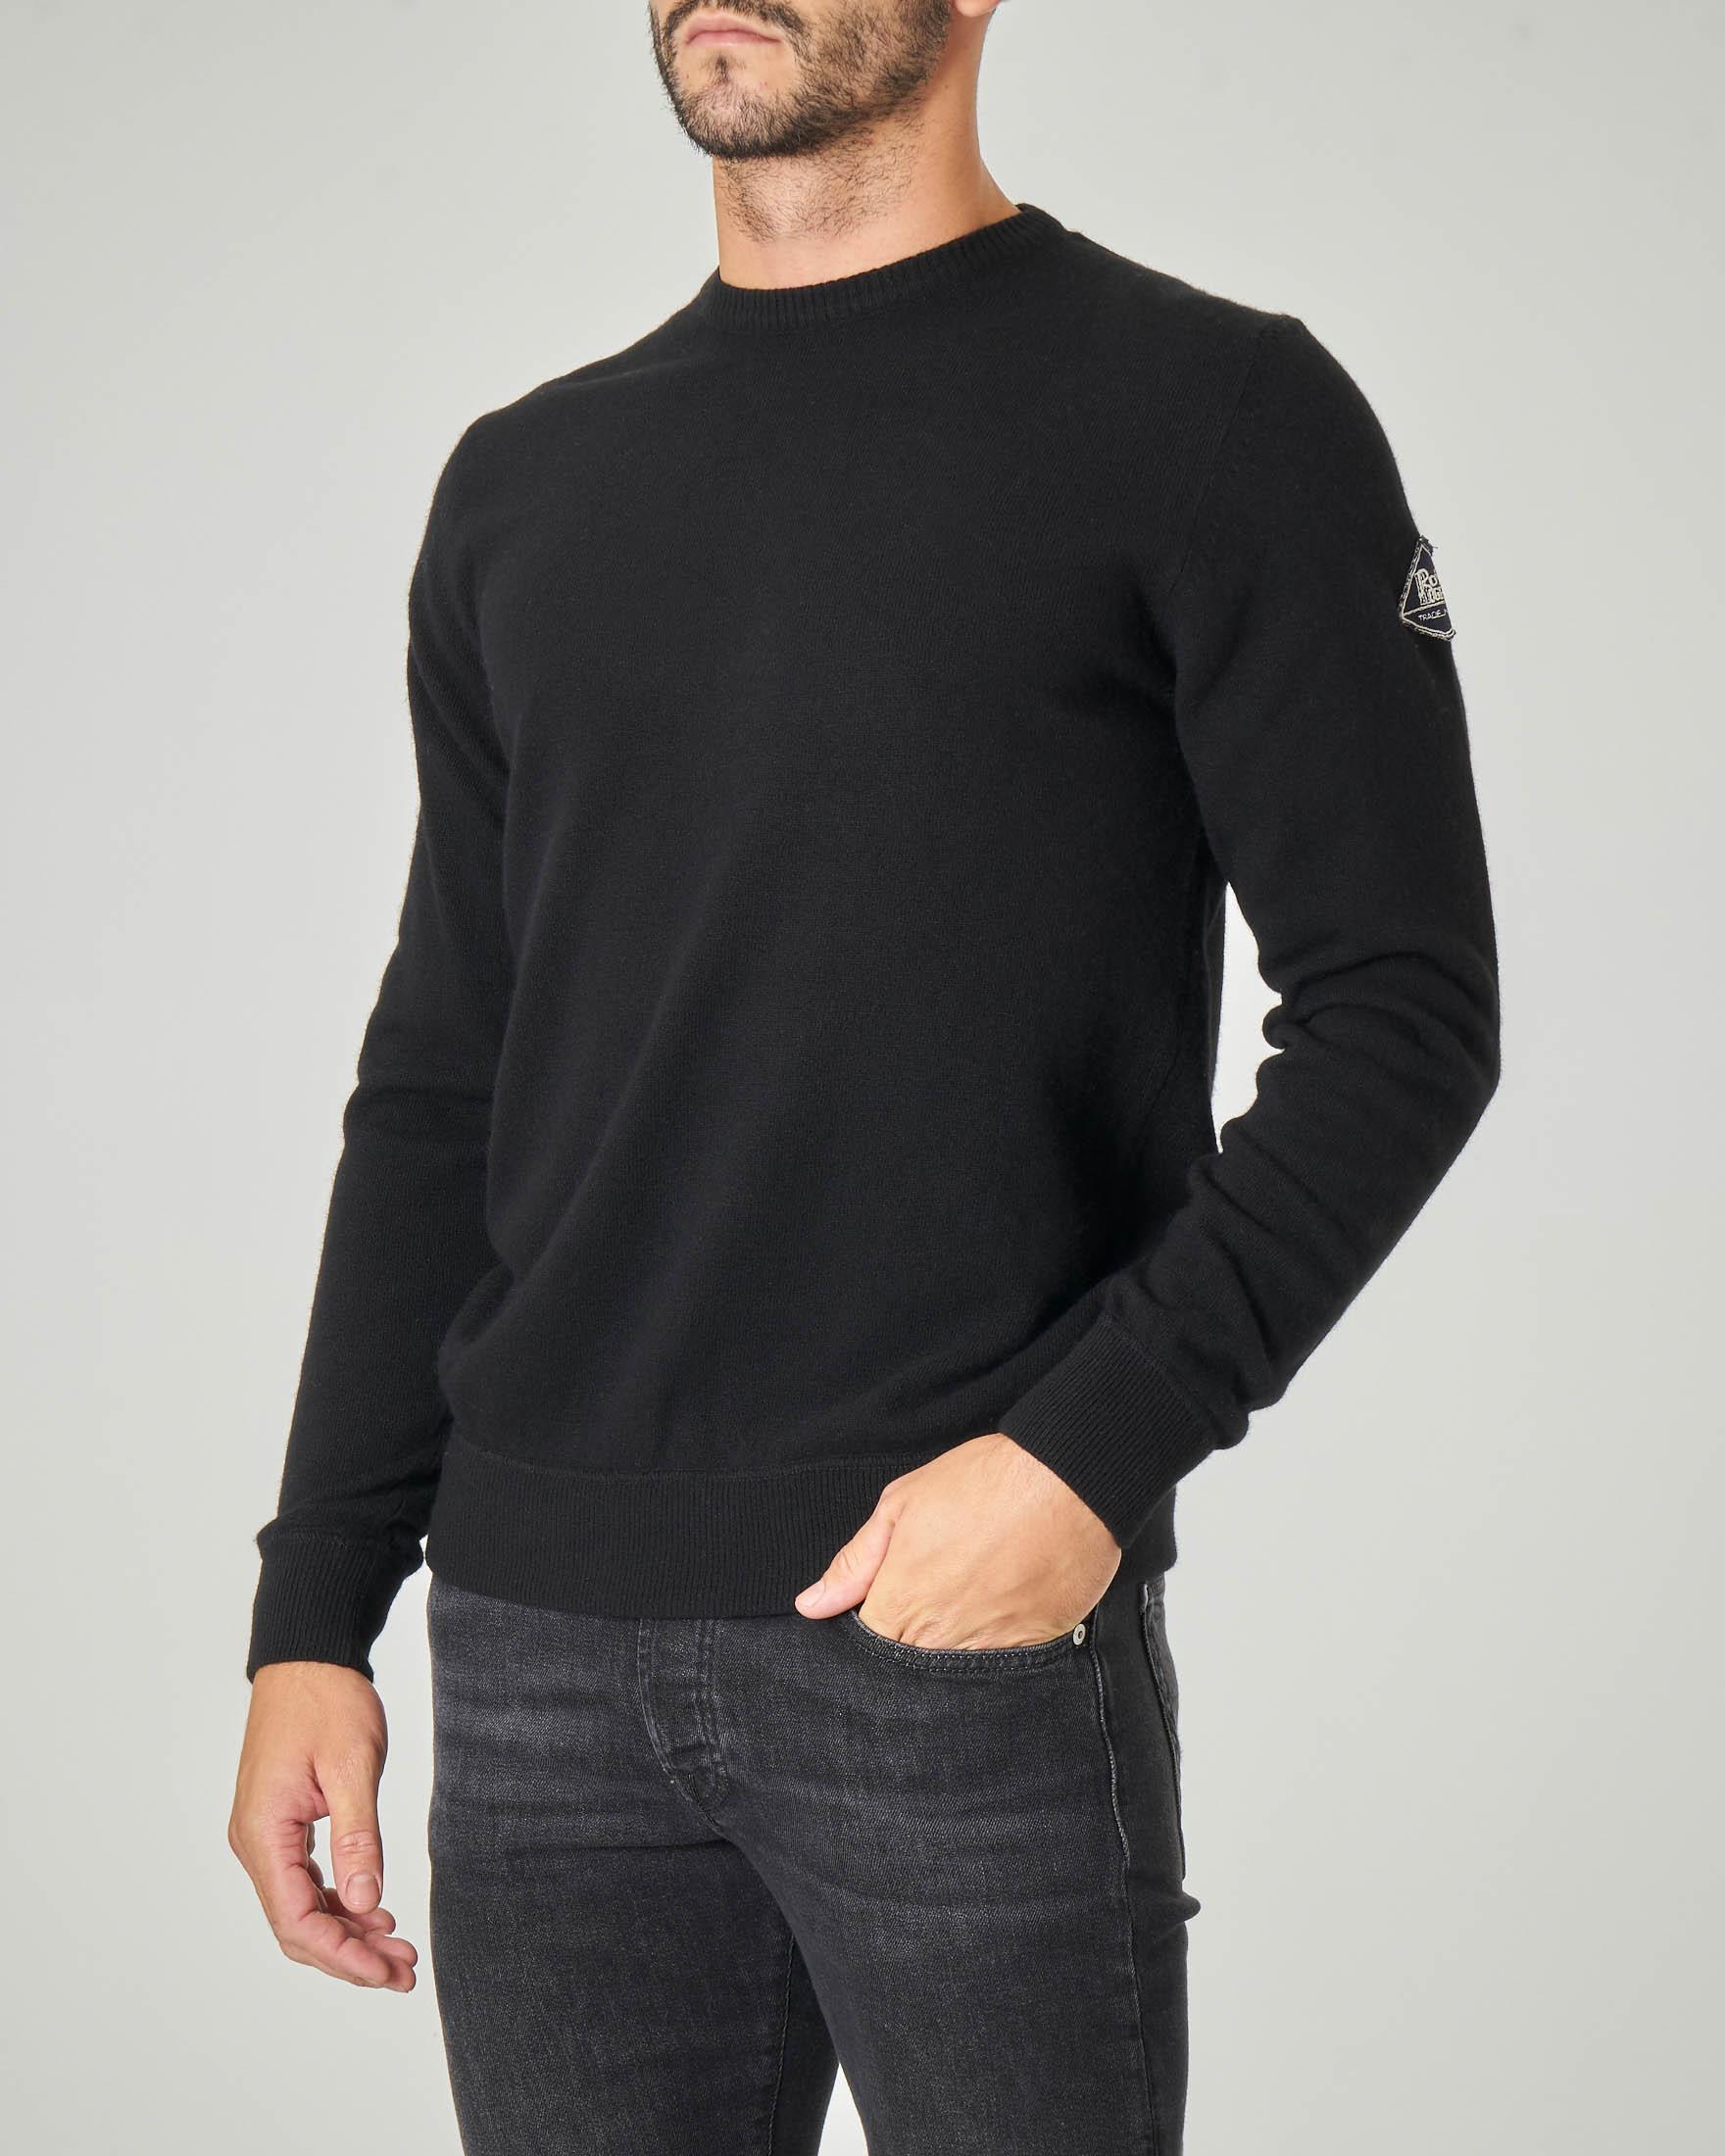 Maglia nera girocollo in lana, viscosa e cachemire